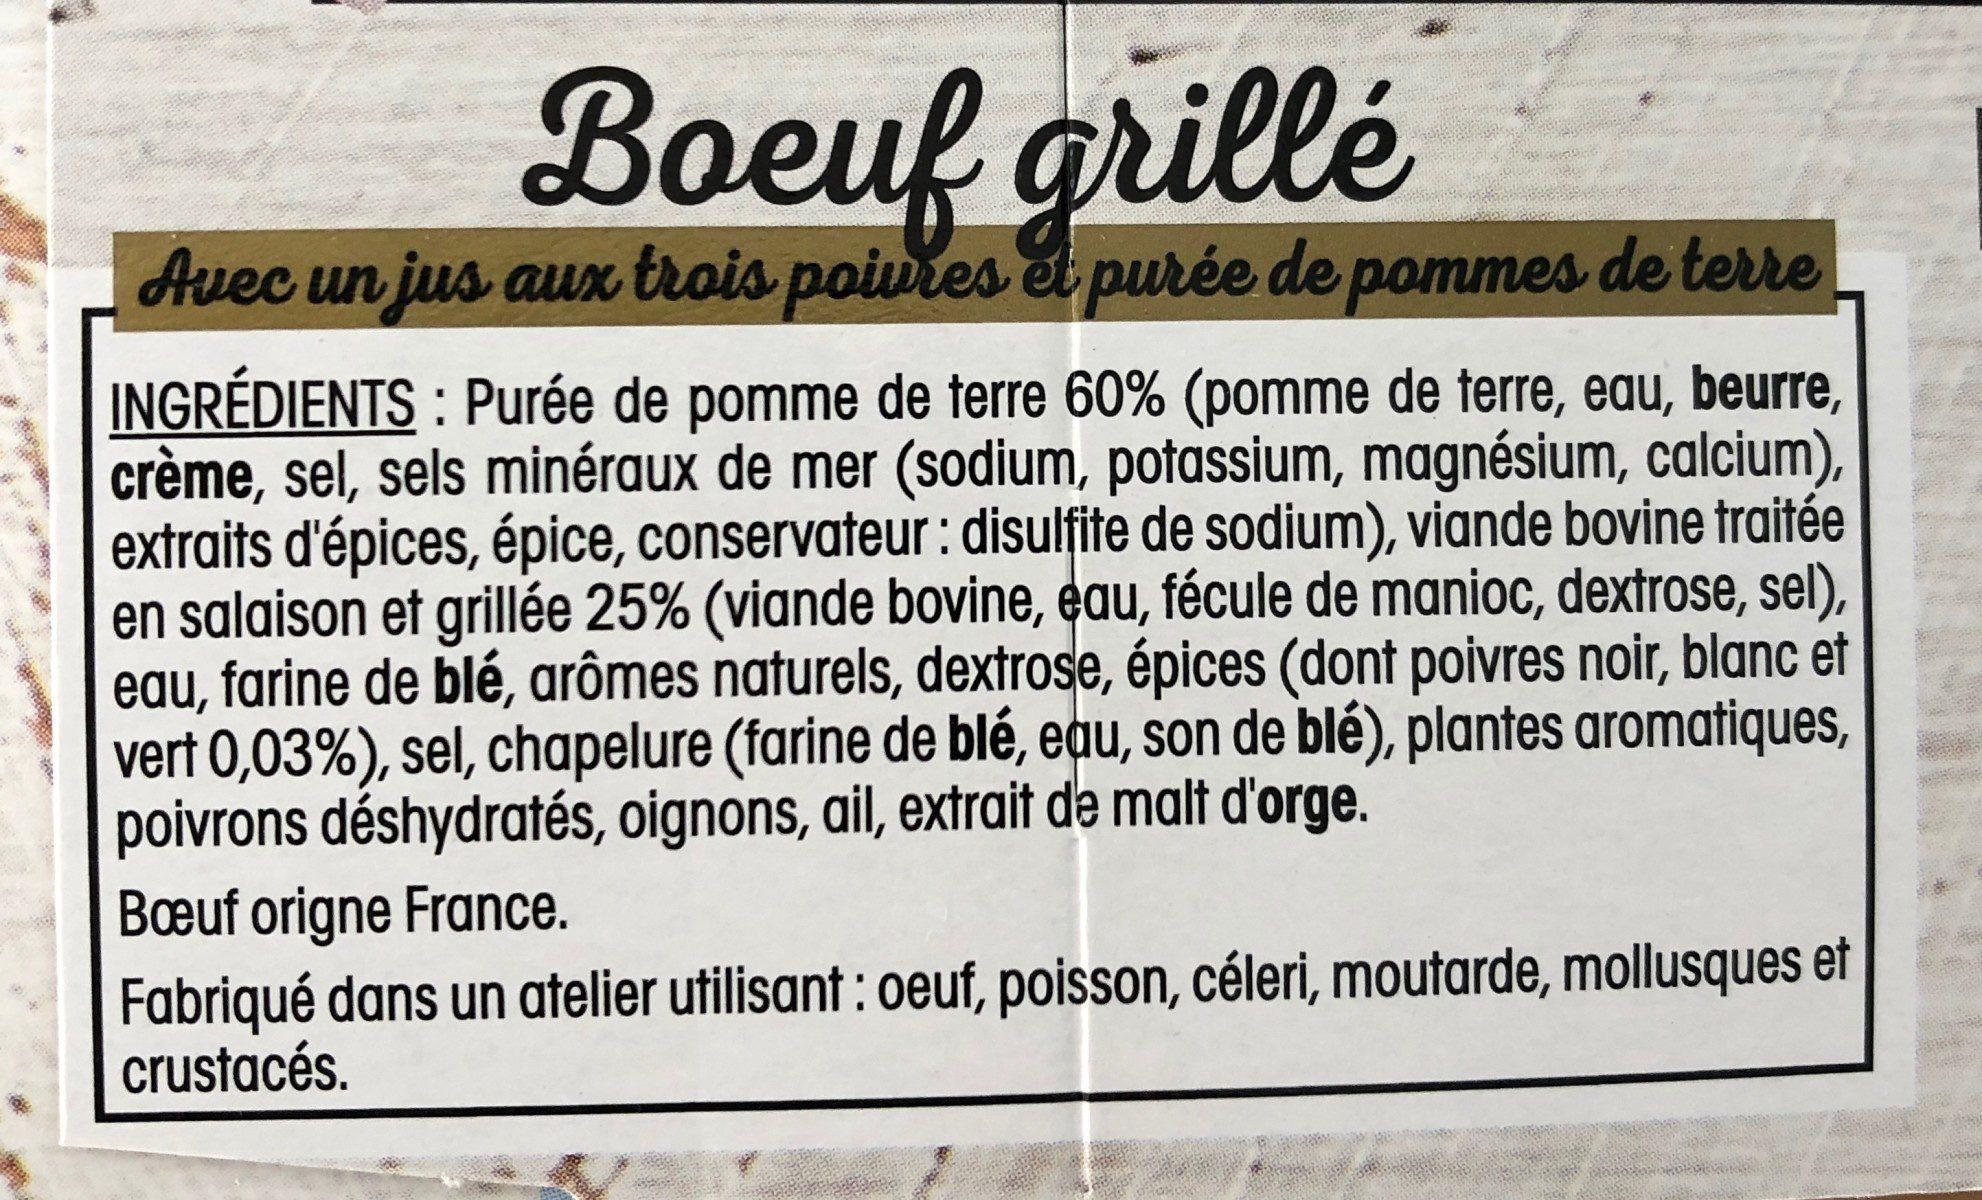 Boeuf grille puree de pommes de terre - Ingredients - fr